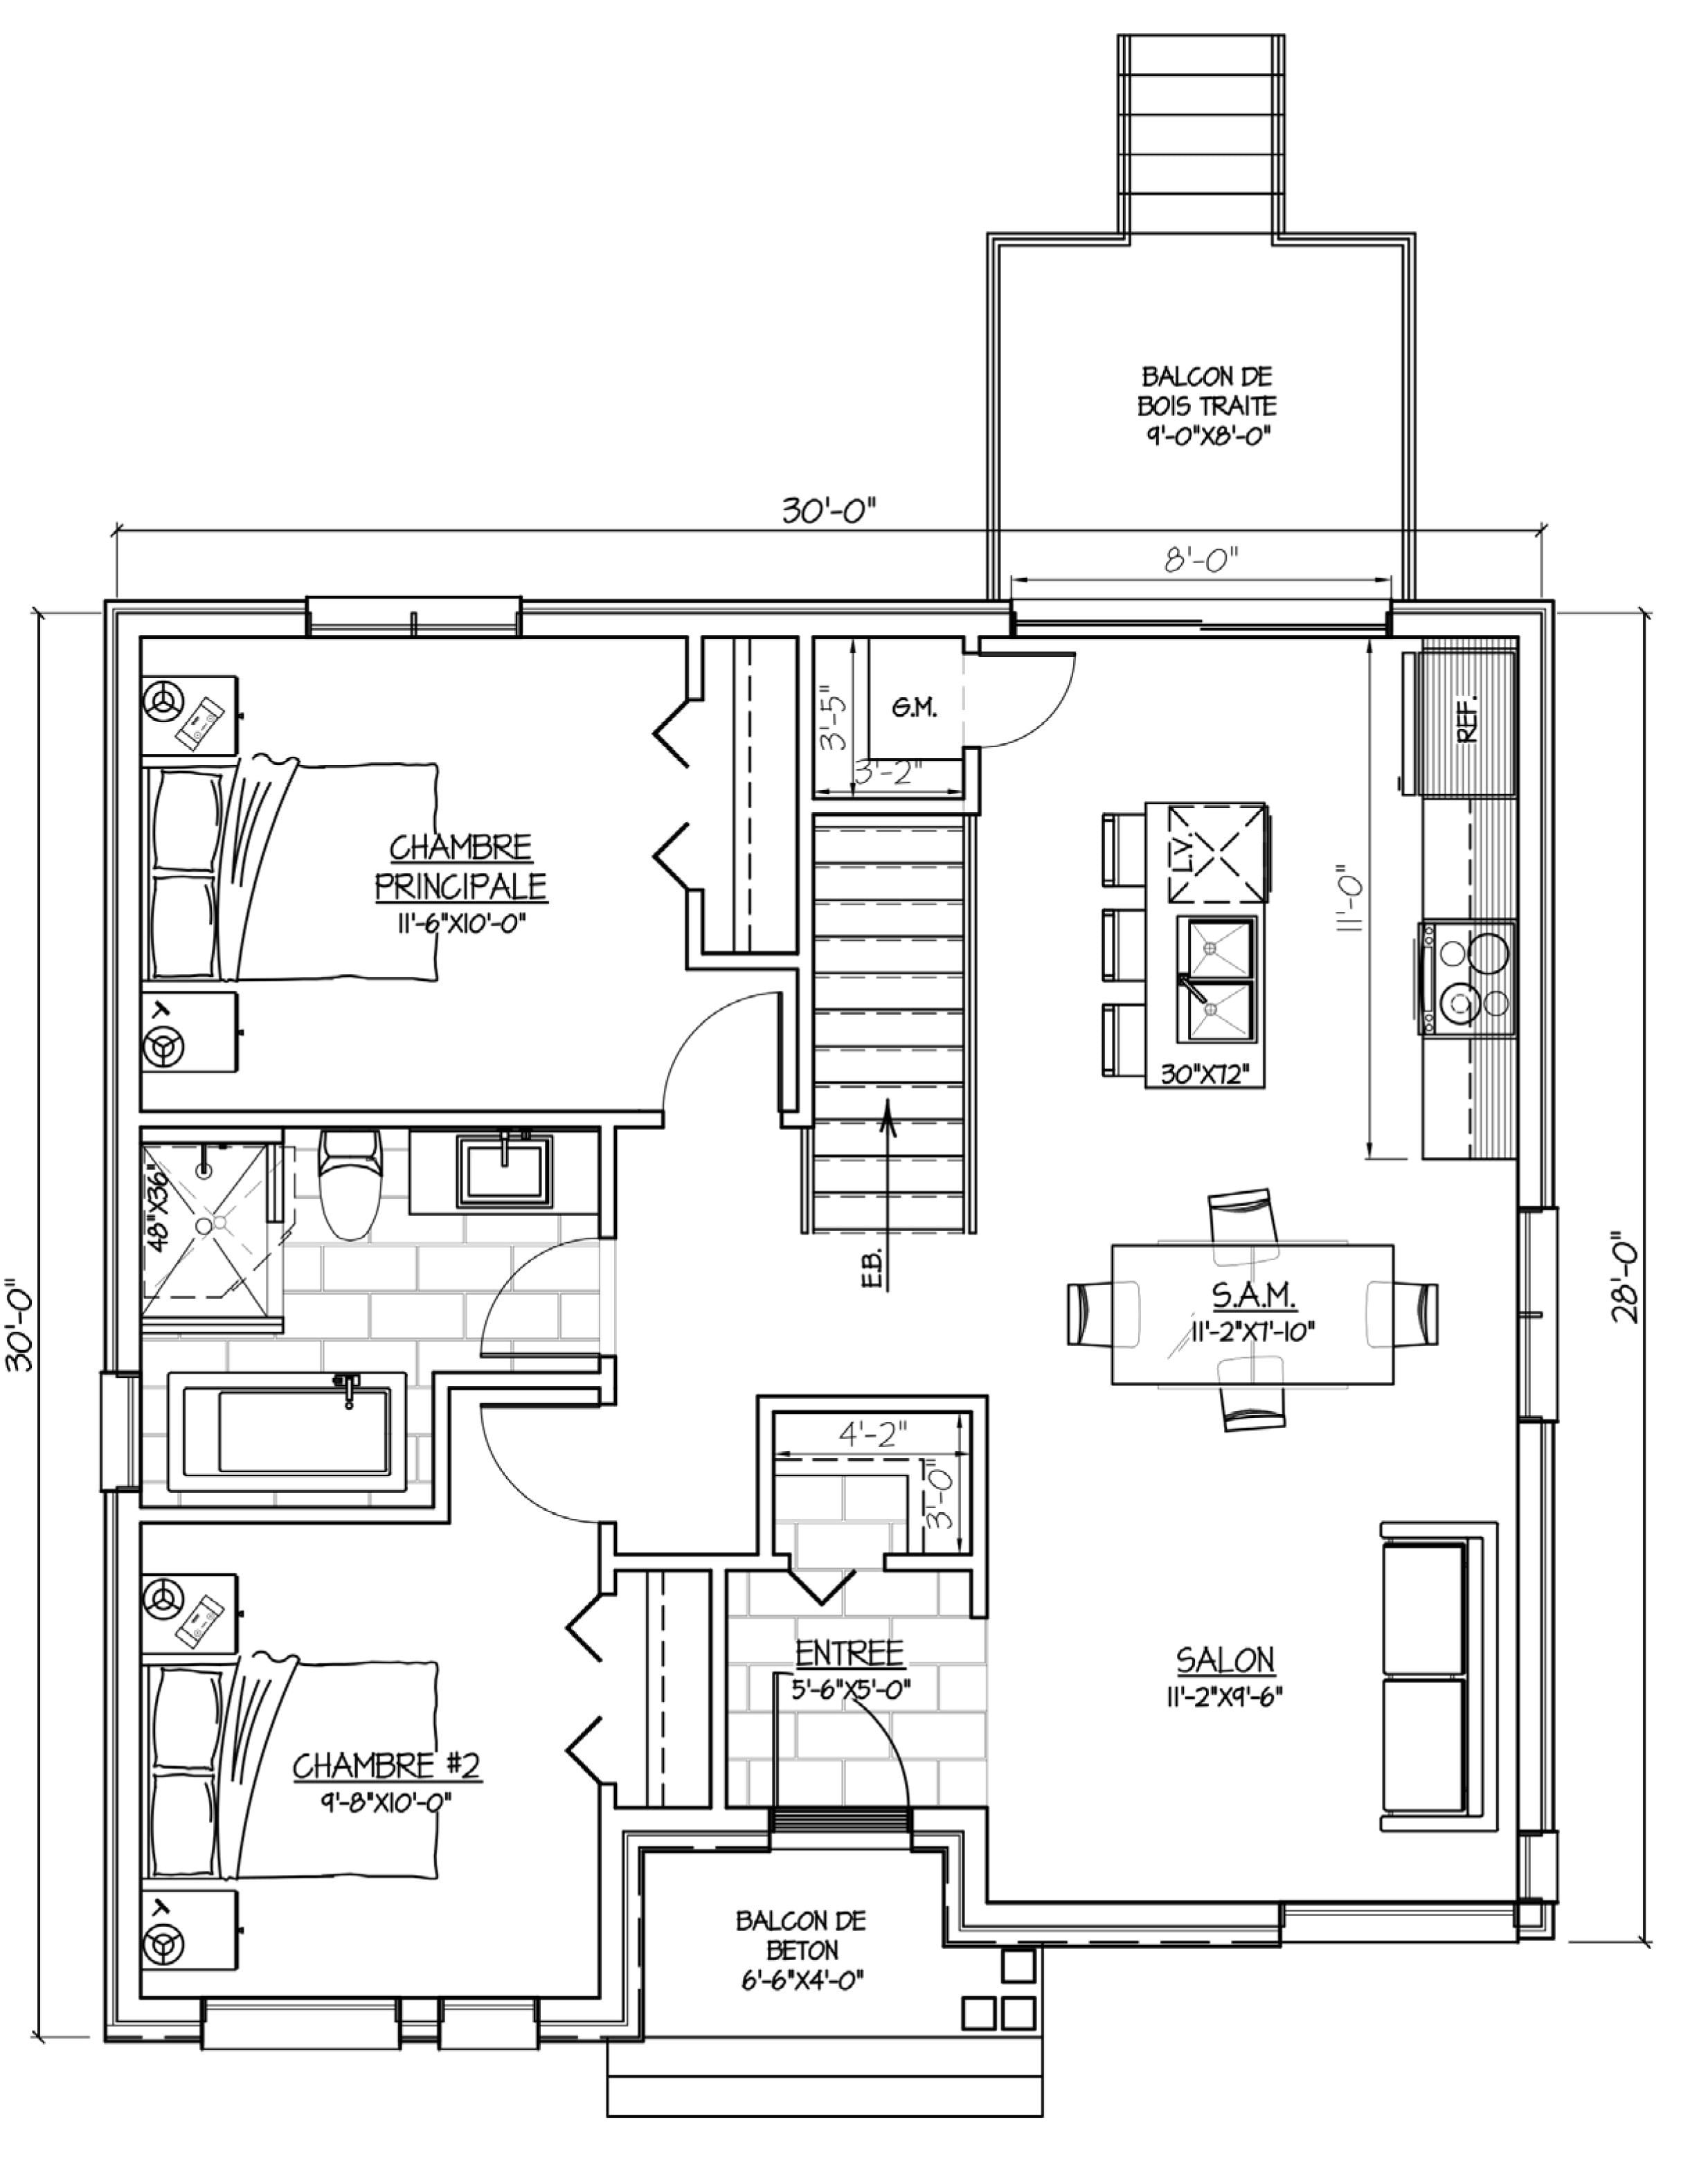 Habitations innovatel maisons neuves ste-sophie jardins du ruisseau modèle bran plans 01